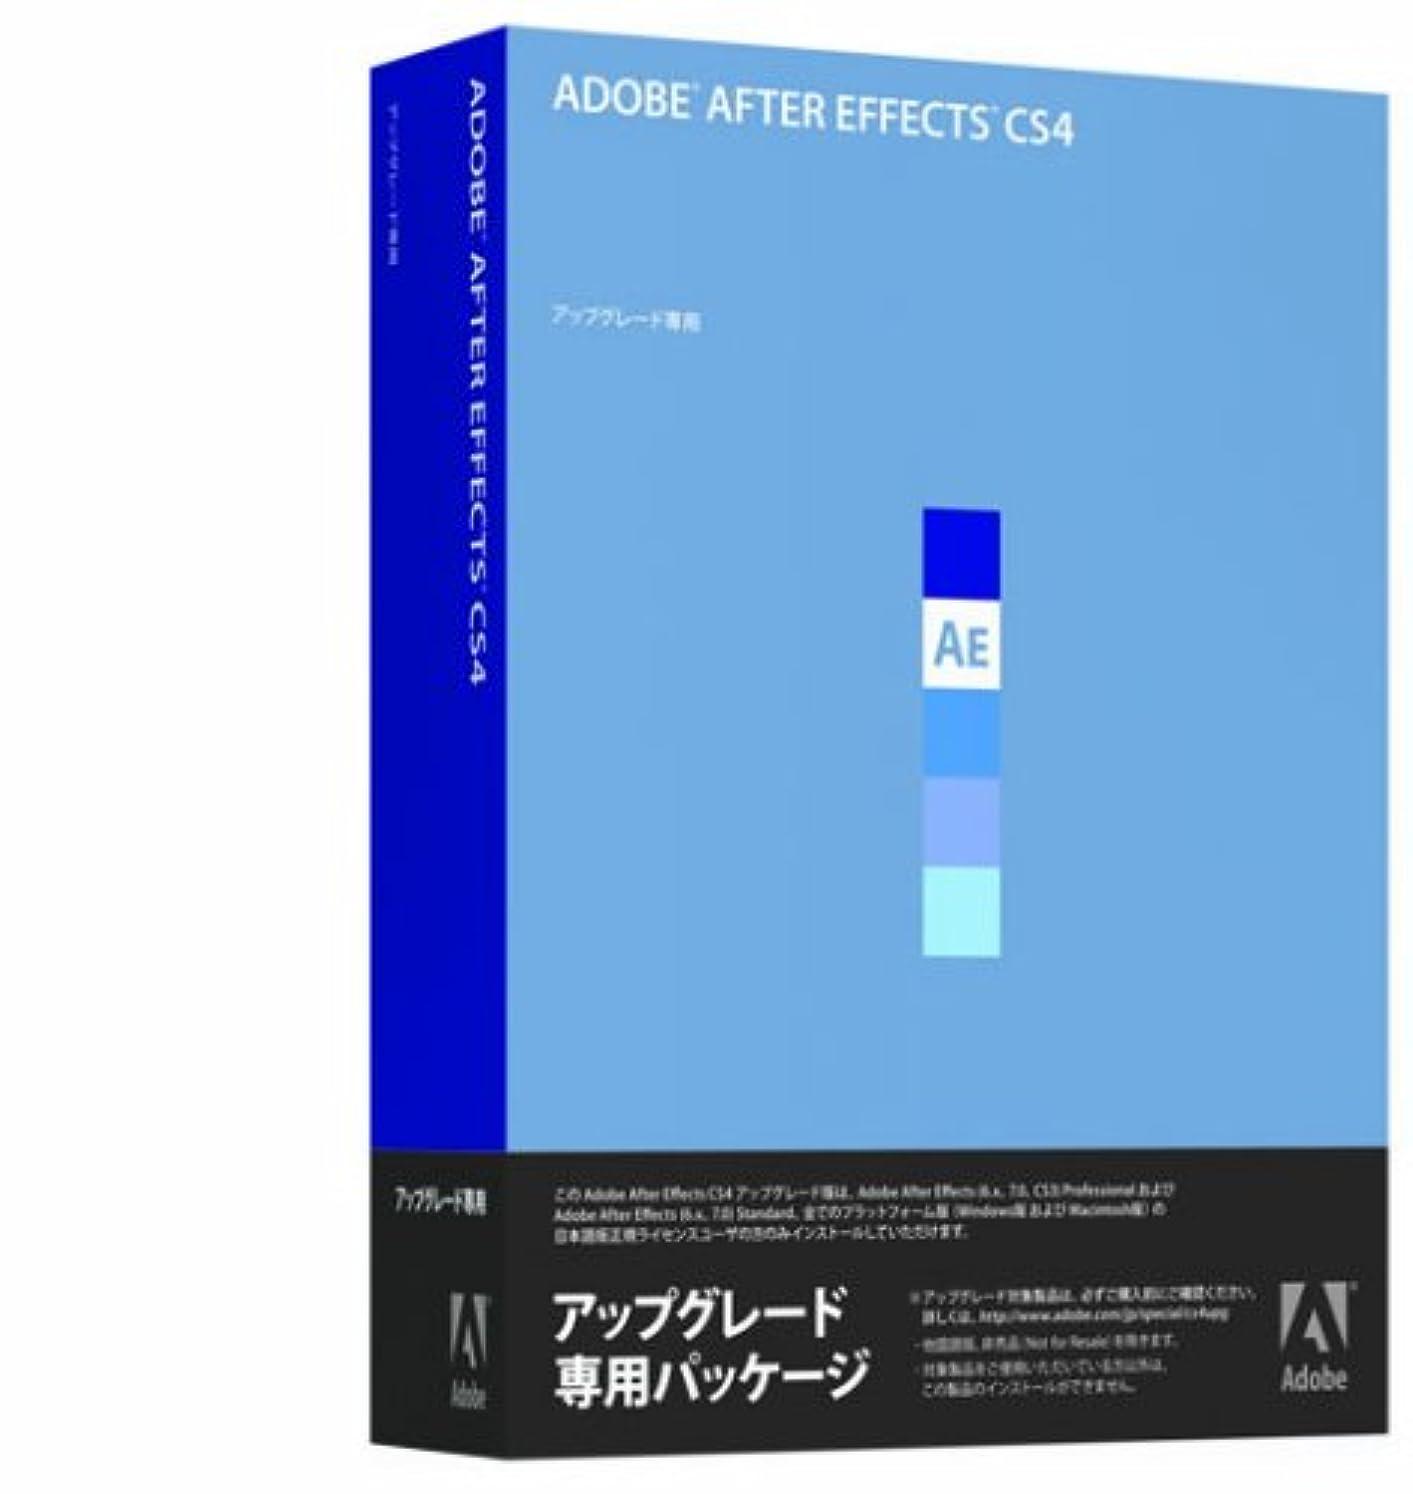 野生マージン密Adobe After Effects CS4 (V9.0) 日本語版 アップグレード版 Macintosh版 (旧製品)